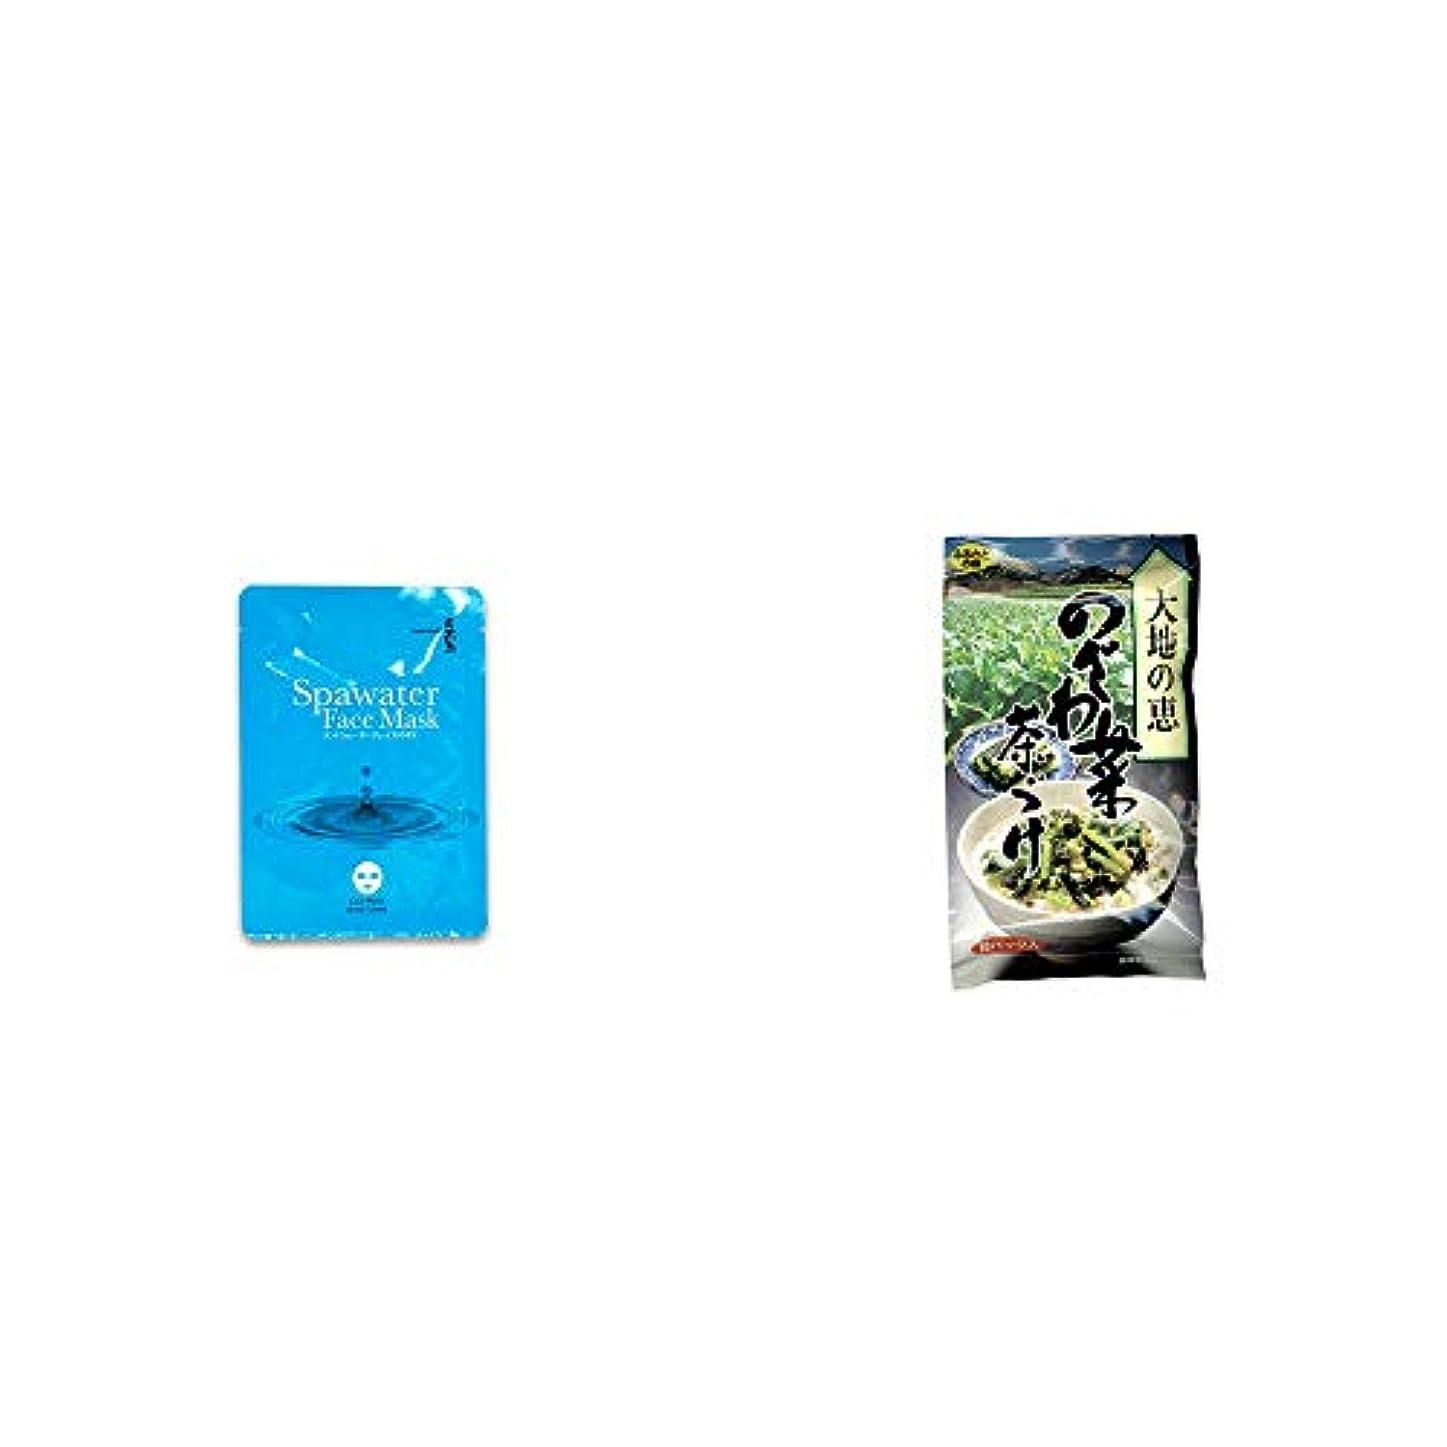 定刻変装した空[2点セット] ひのき炭黒泉 スパウォーターフェイスマスク(18ml×3枚入)?特選茶漬け 大地の恵 のざわ菜茶づけ(10袋入)